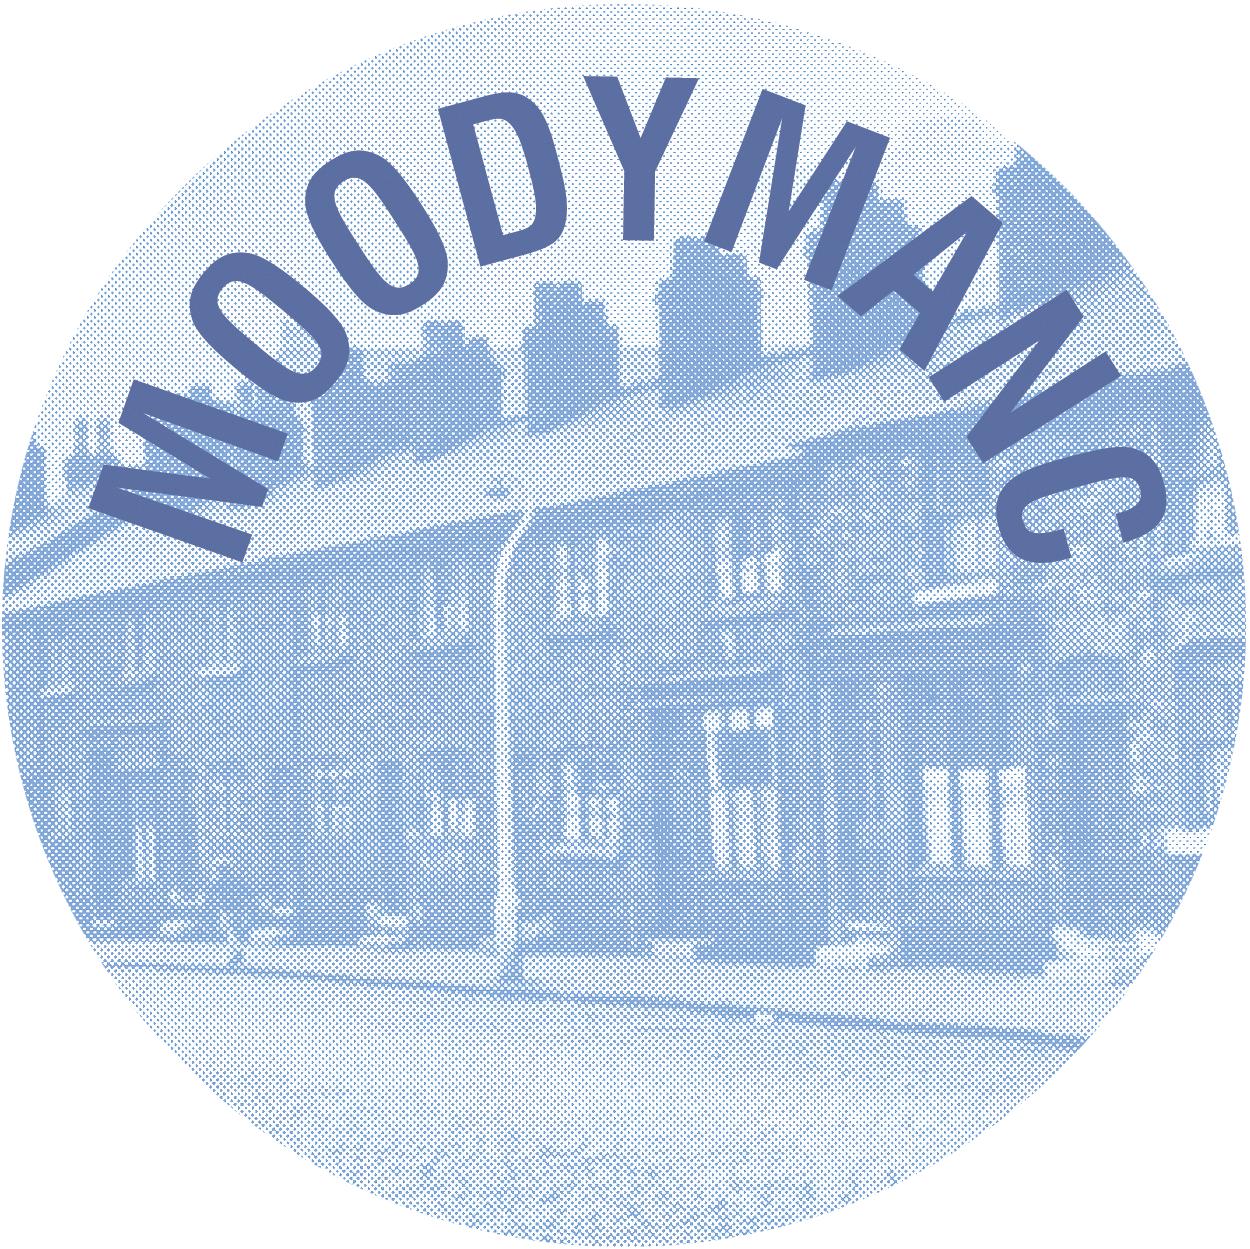 Moodymanc